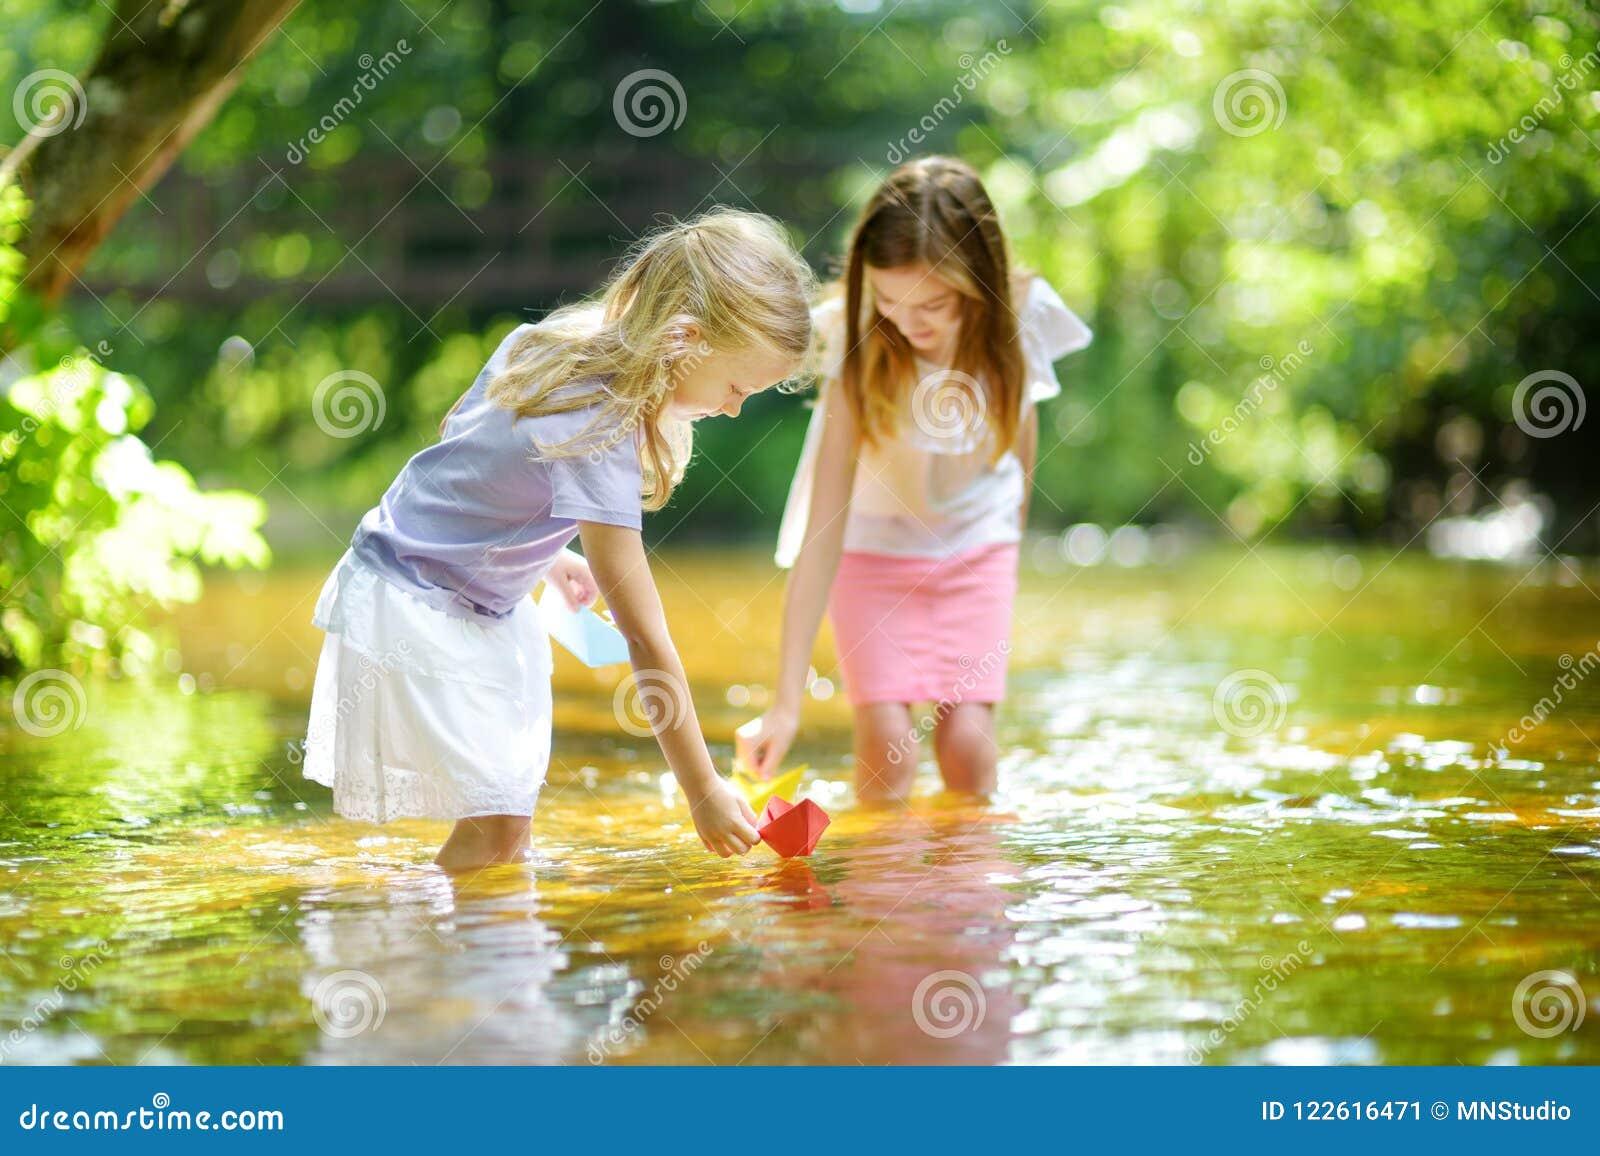 Deux petites soeurs jouant avec les bateaux de papier par une rivière le jour chaud et ensoleillé d été Enfants ayant l amusement